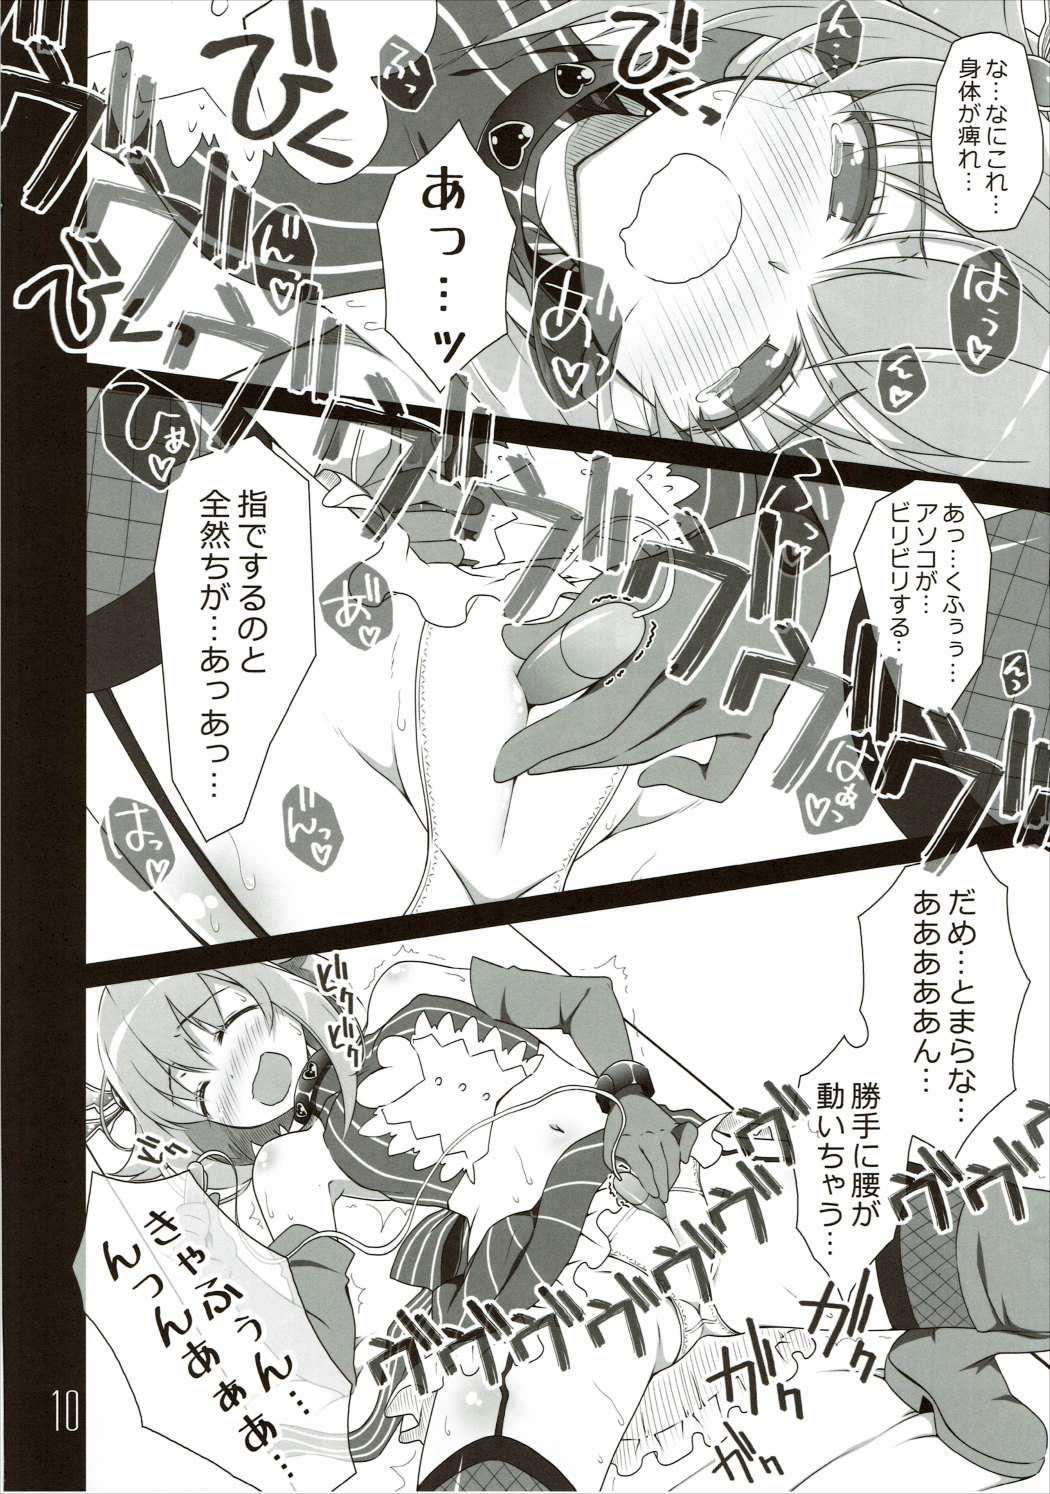 Sachiko☆Vibration 8